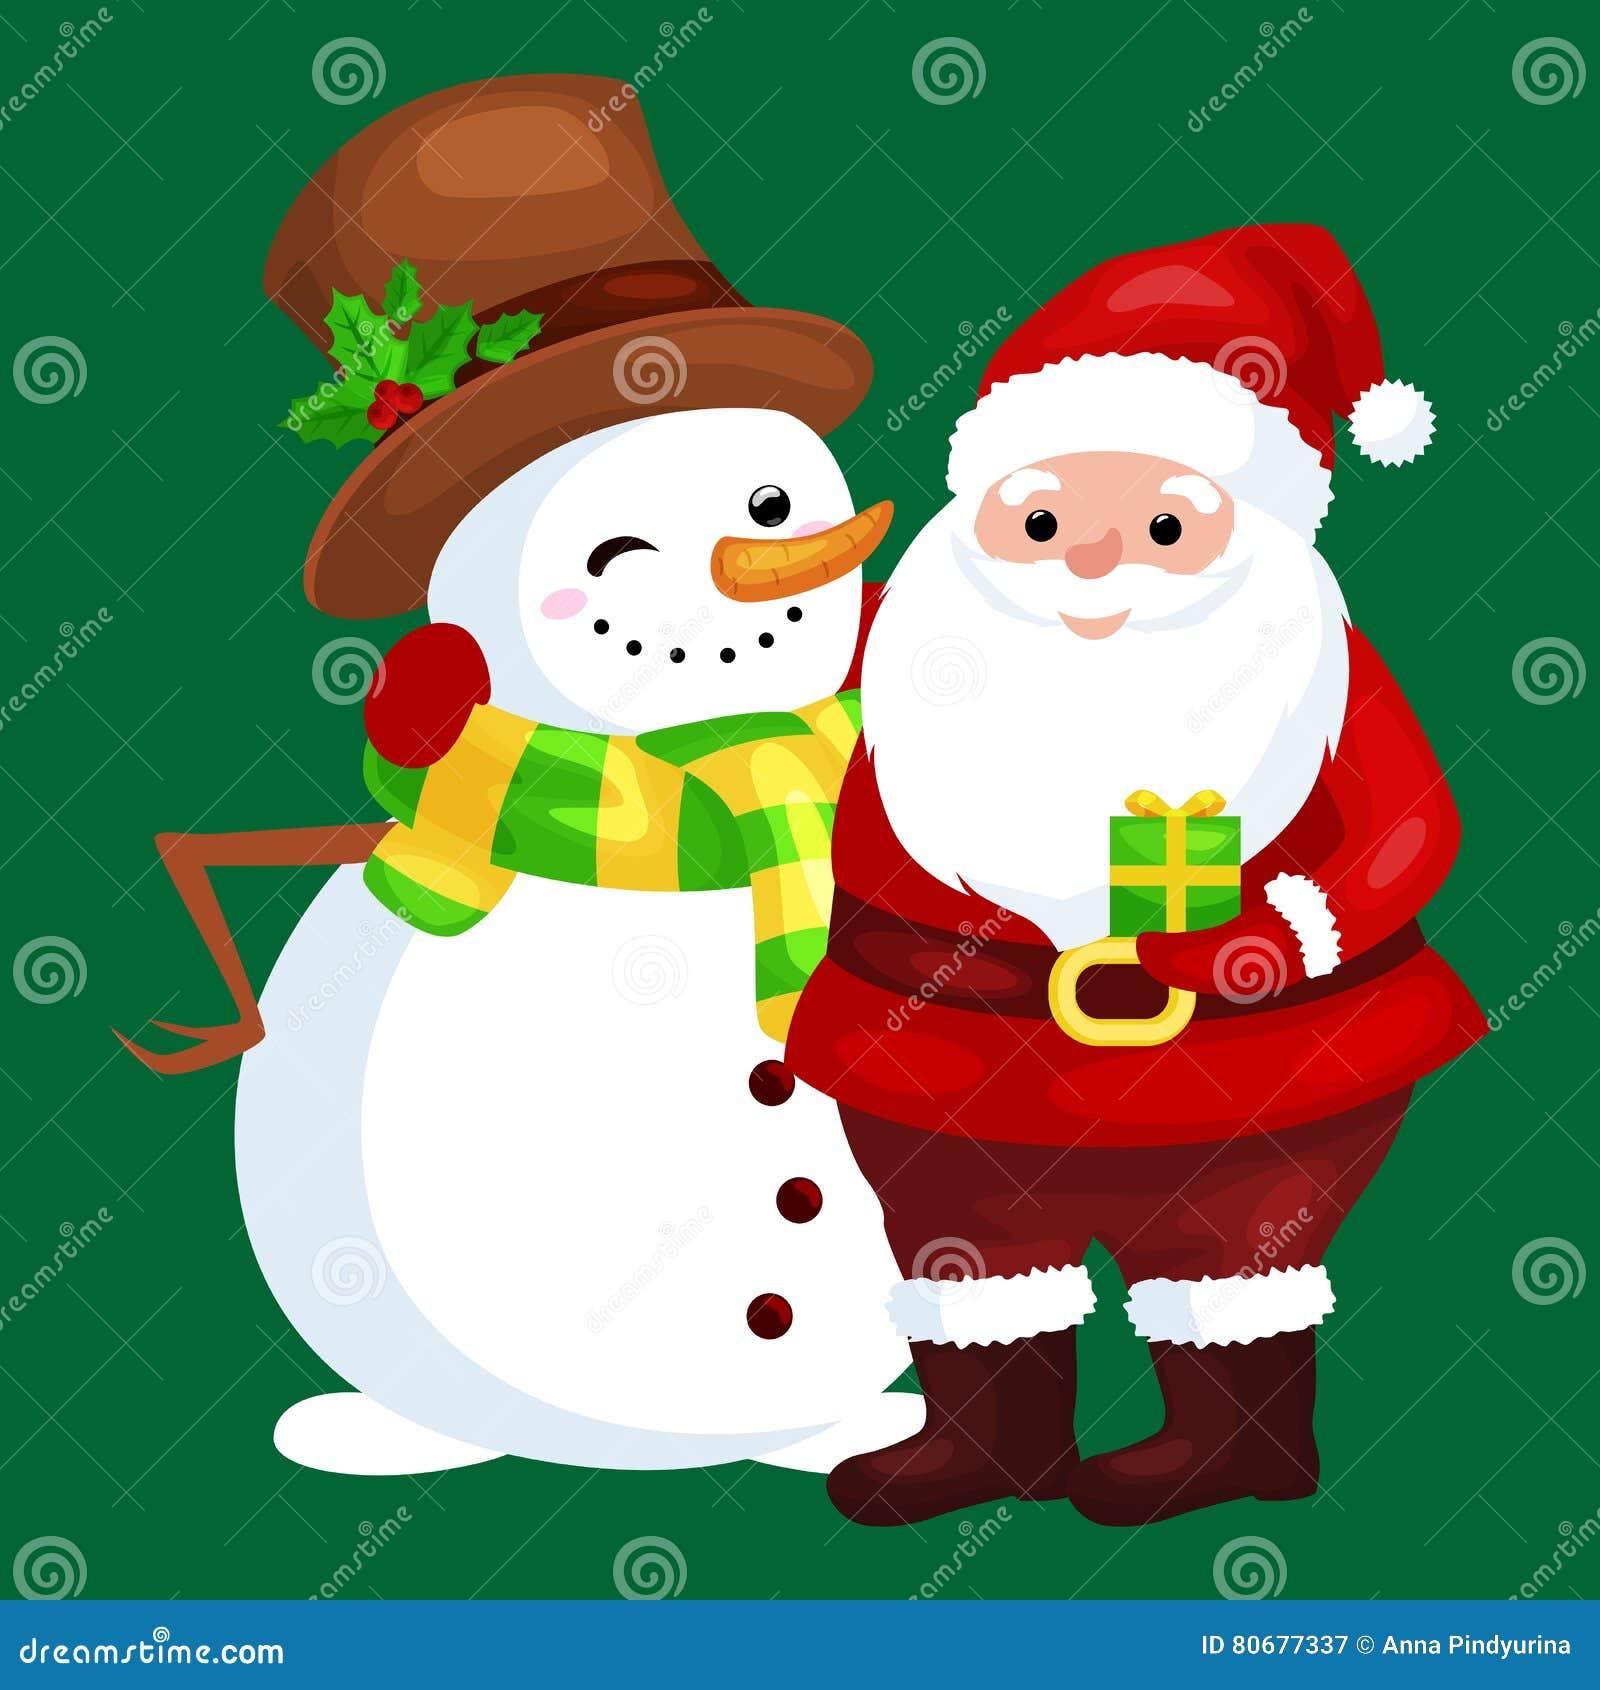 Frohe Weihnachten An Freunde.Frohe Weihnachten Und Guten Rutsch Ins Neue Jahr Freunde Santa